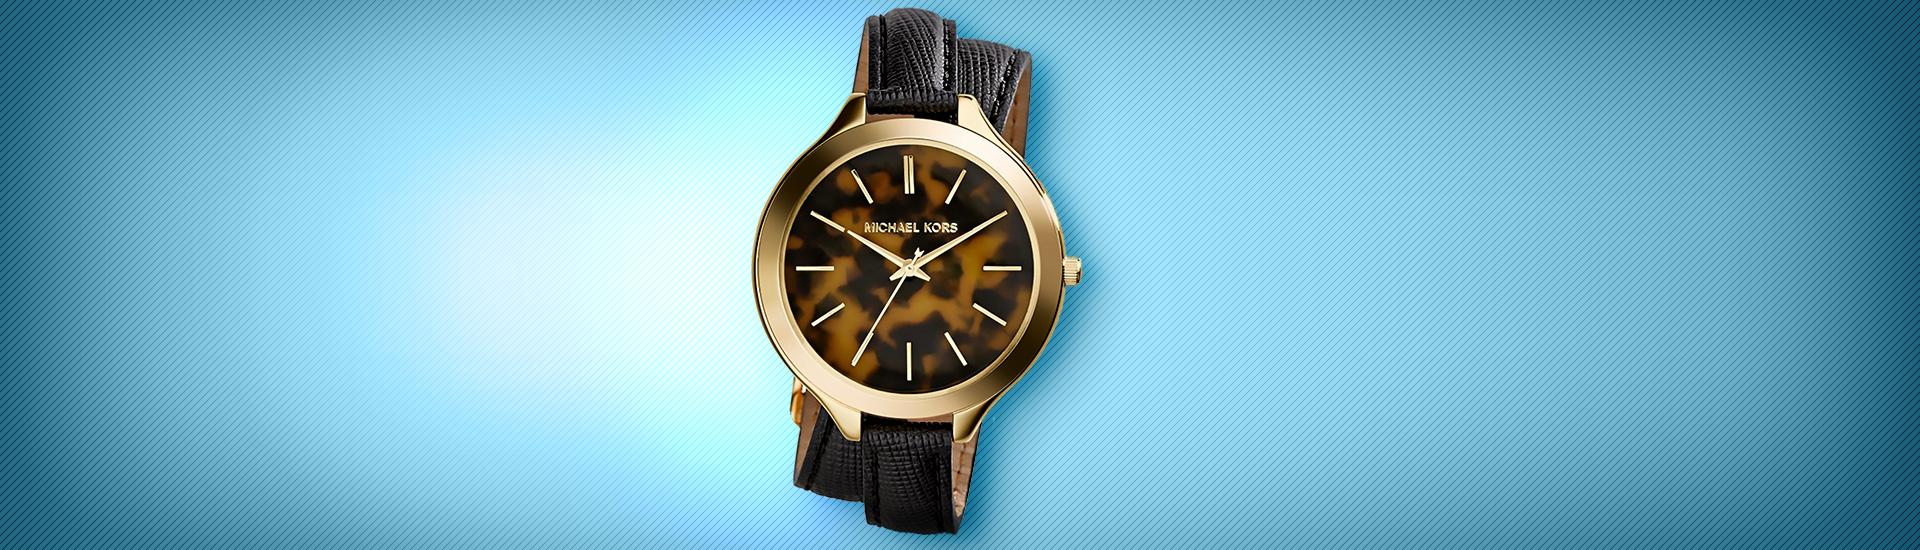 €136 για ένα γυναικείο ρολόι Michael Kors